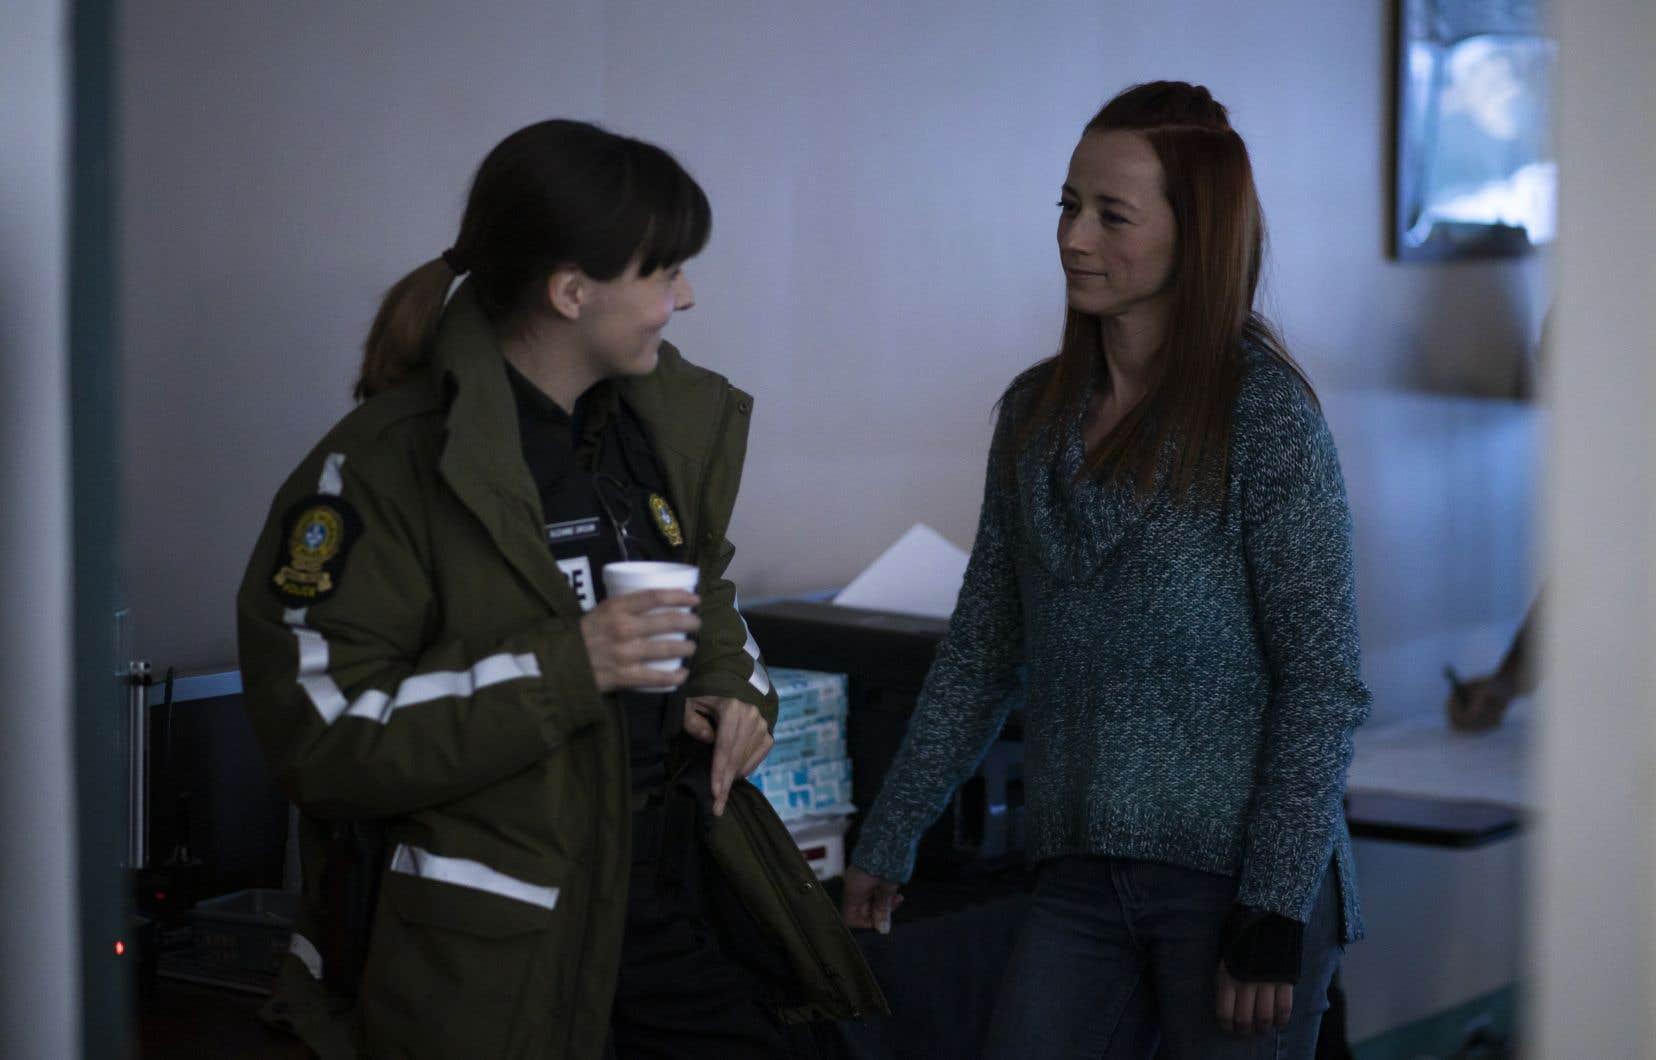 Les actrices Alexa-Jeanne Dubé et Karine Vanasse dans une scène de la télésérie «Après»